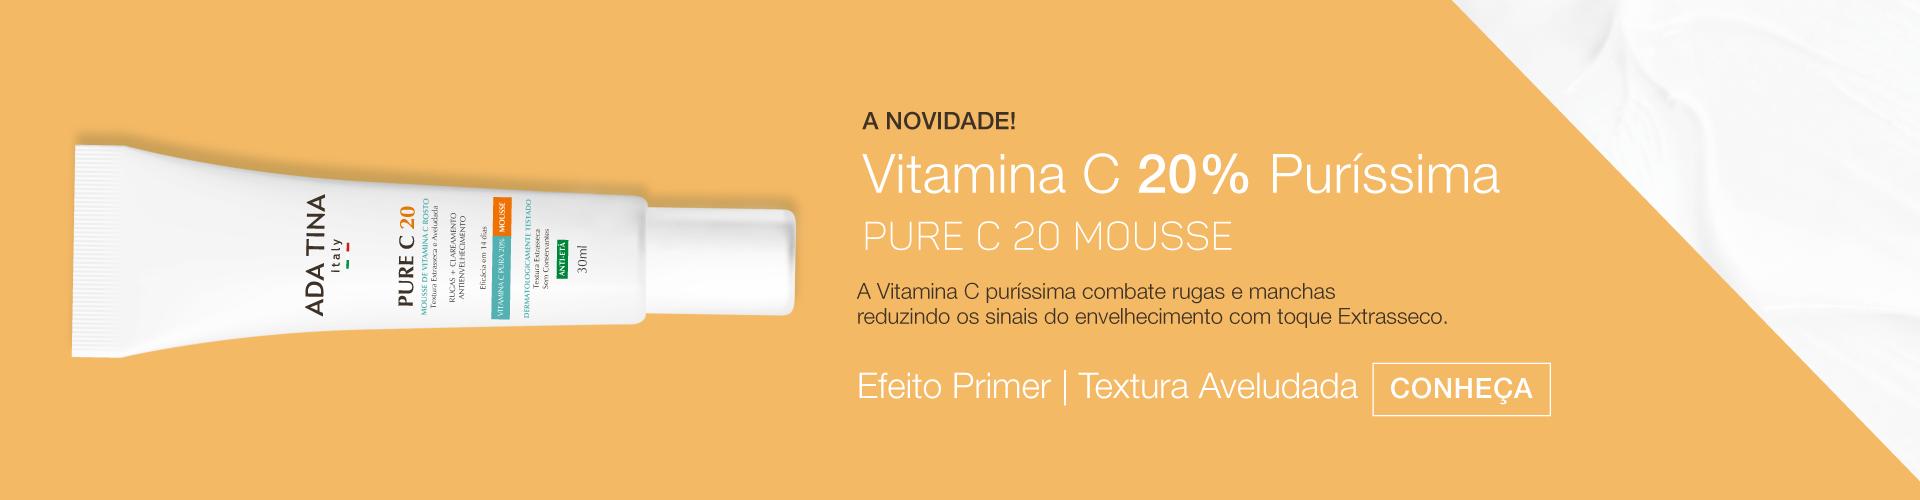 Pure C 20 Mousse